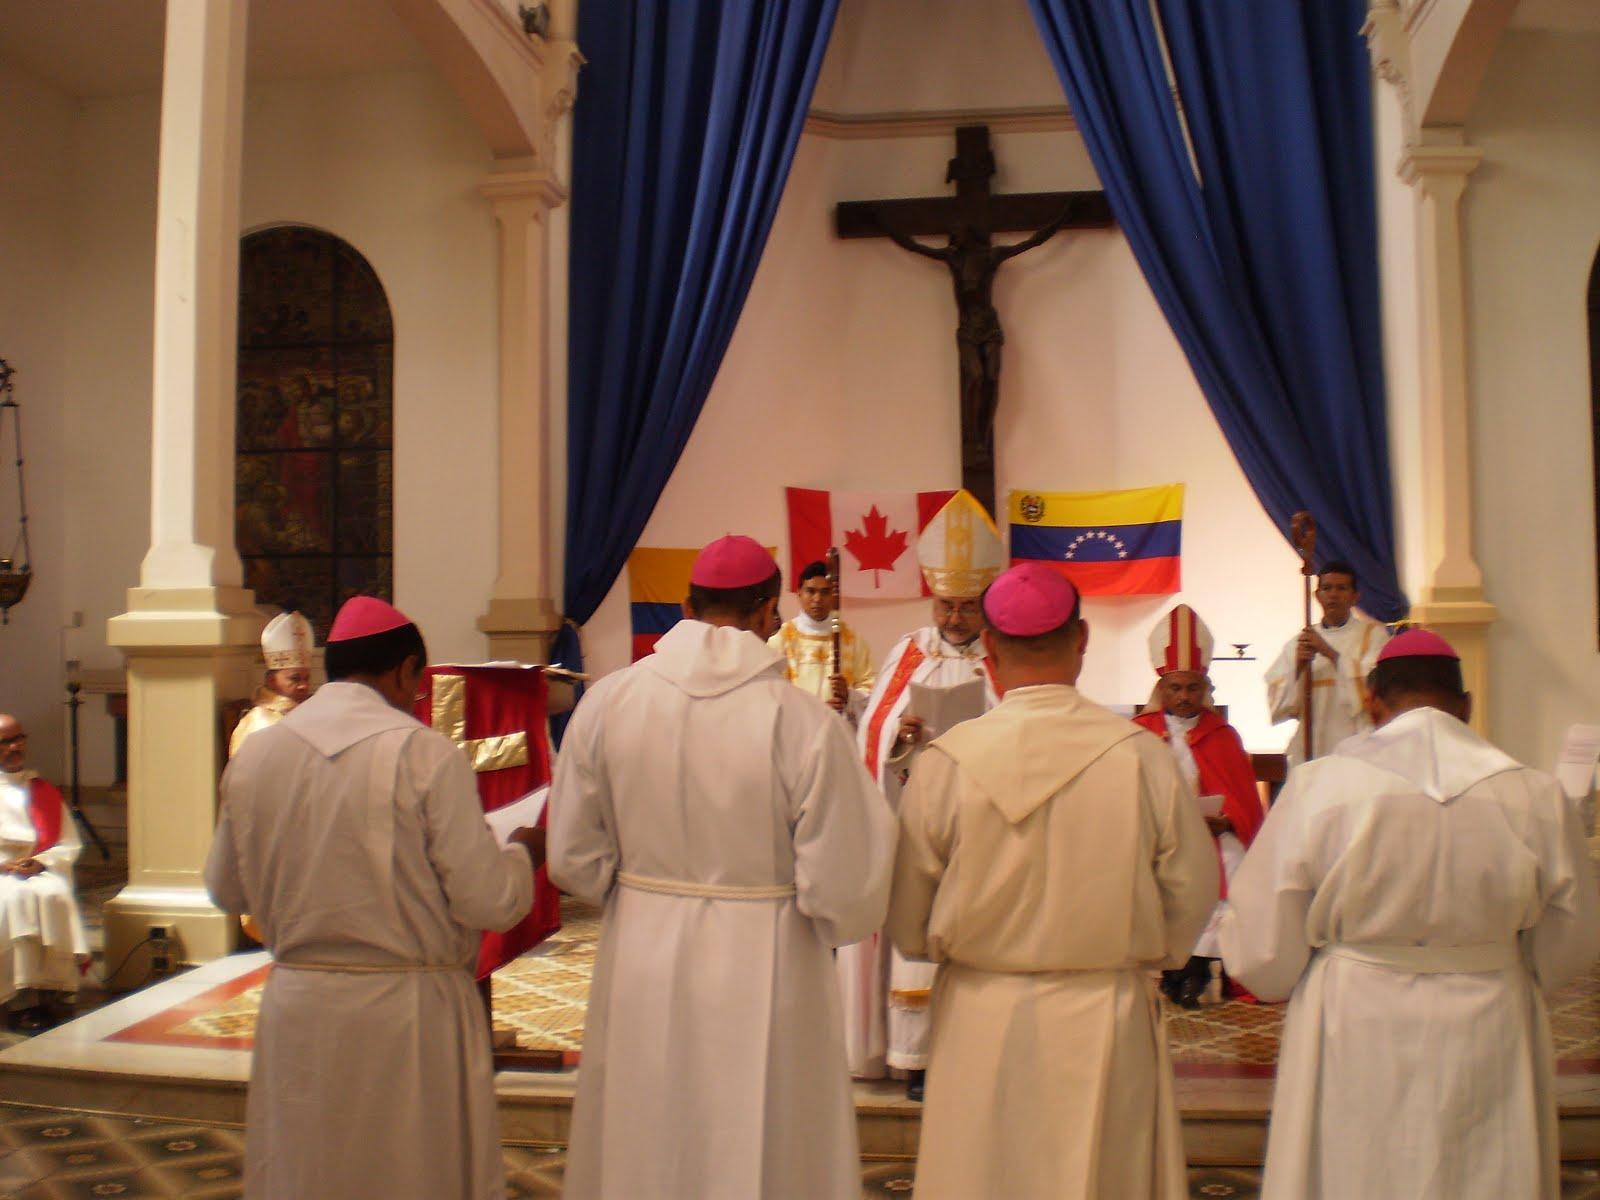 Cristianos Gays Iglesia Episcopal Libre